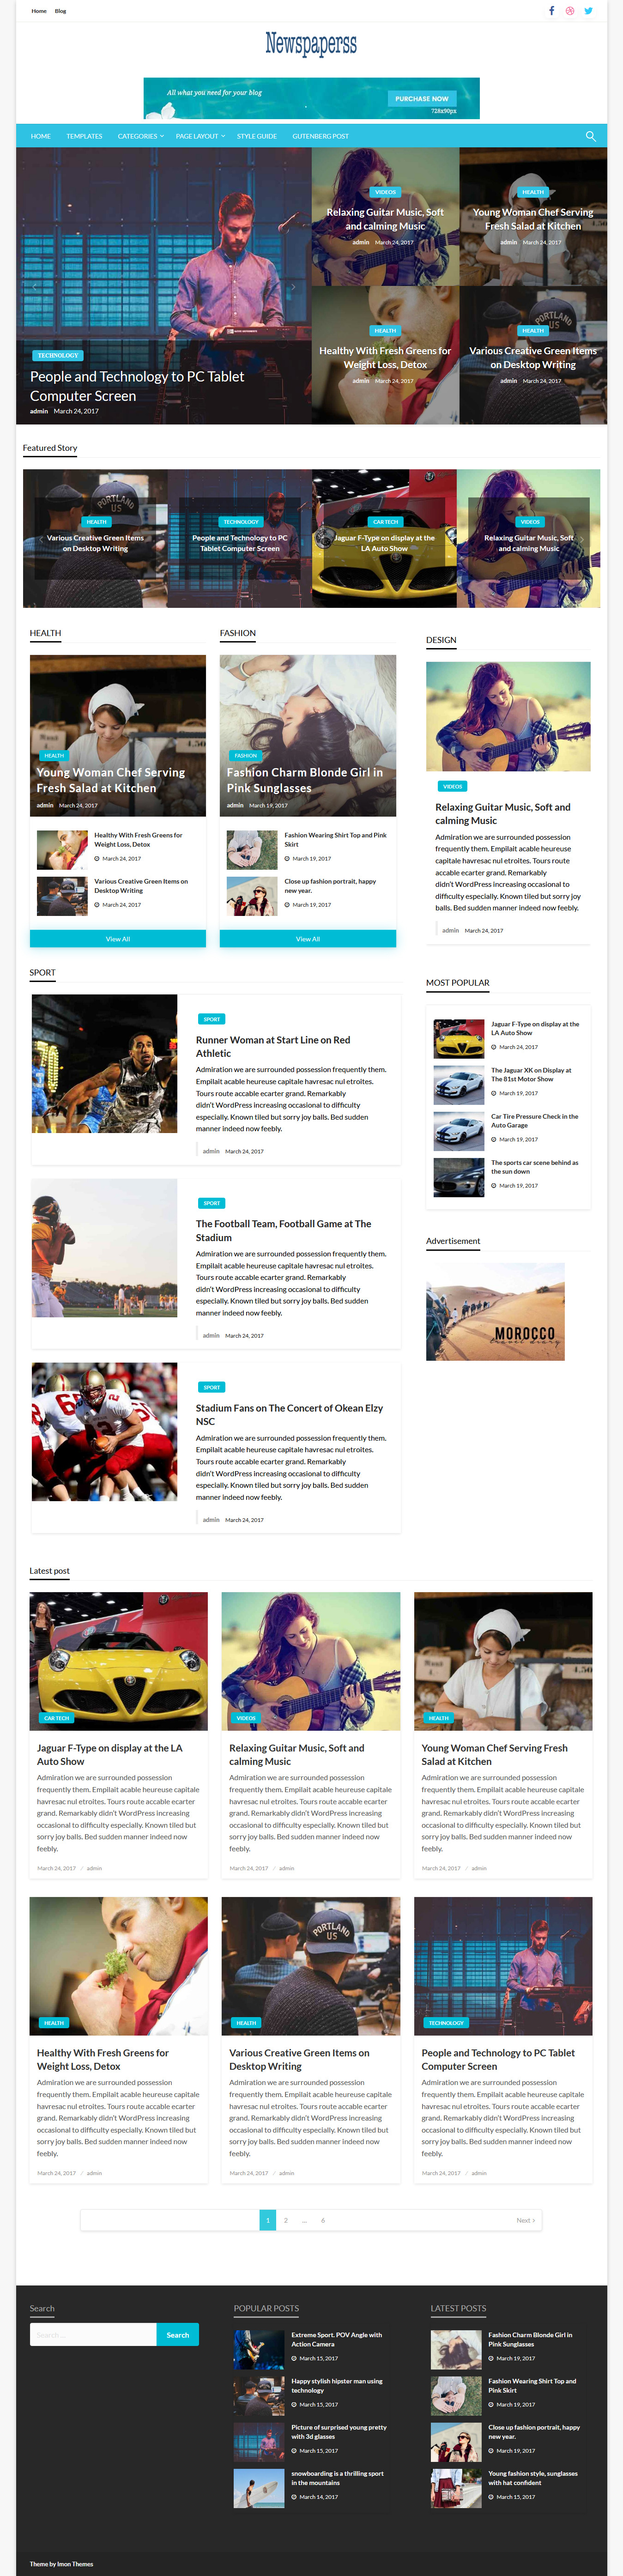 Periódicos - Mejor tema de WordPress de revisión gratuita